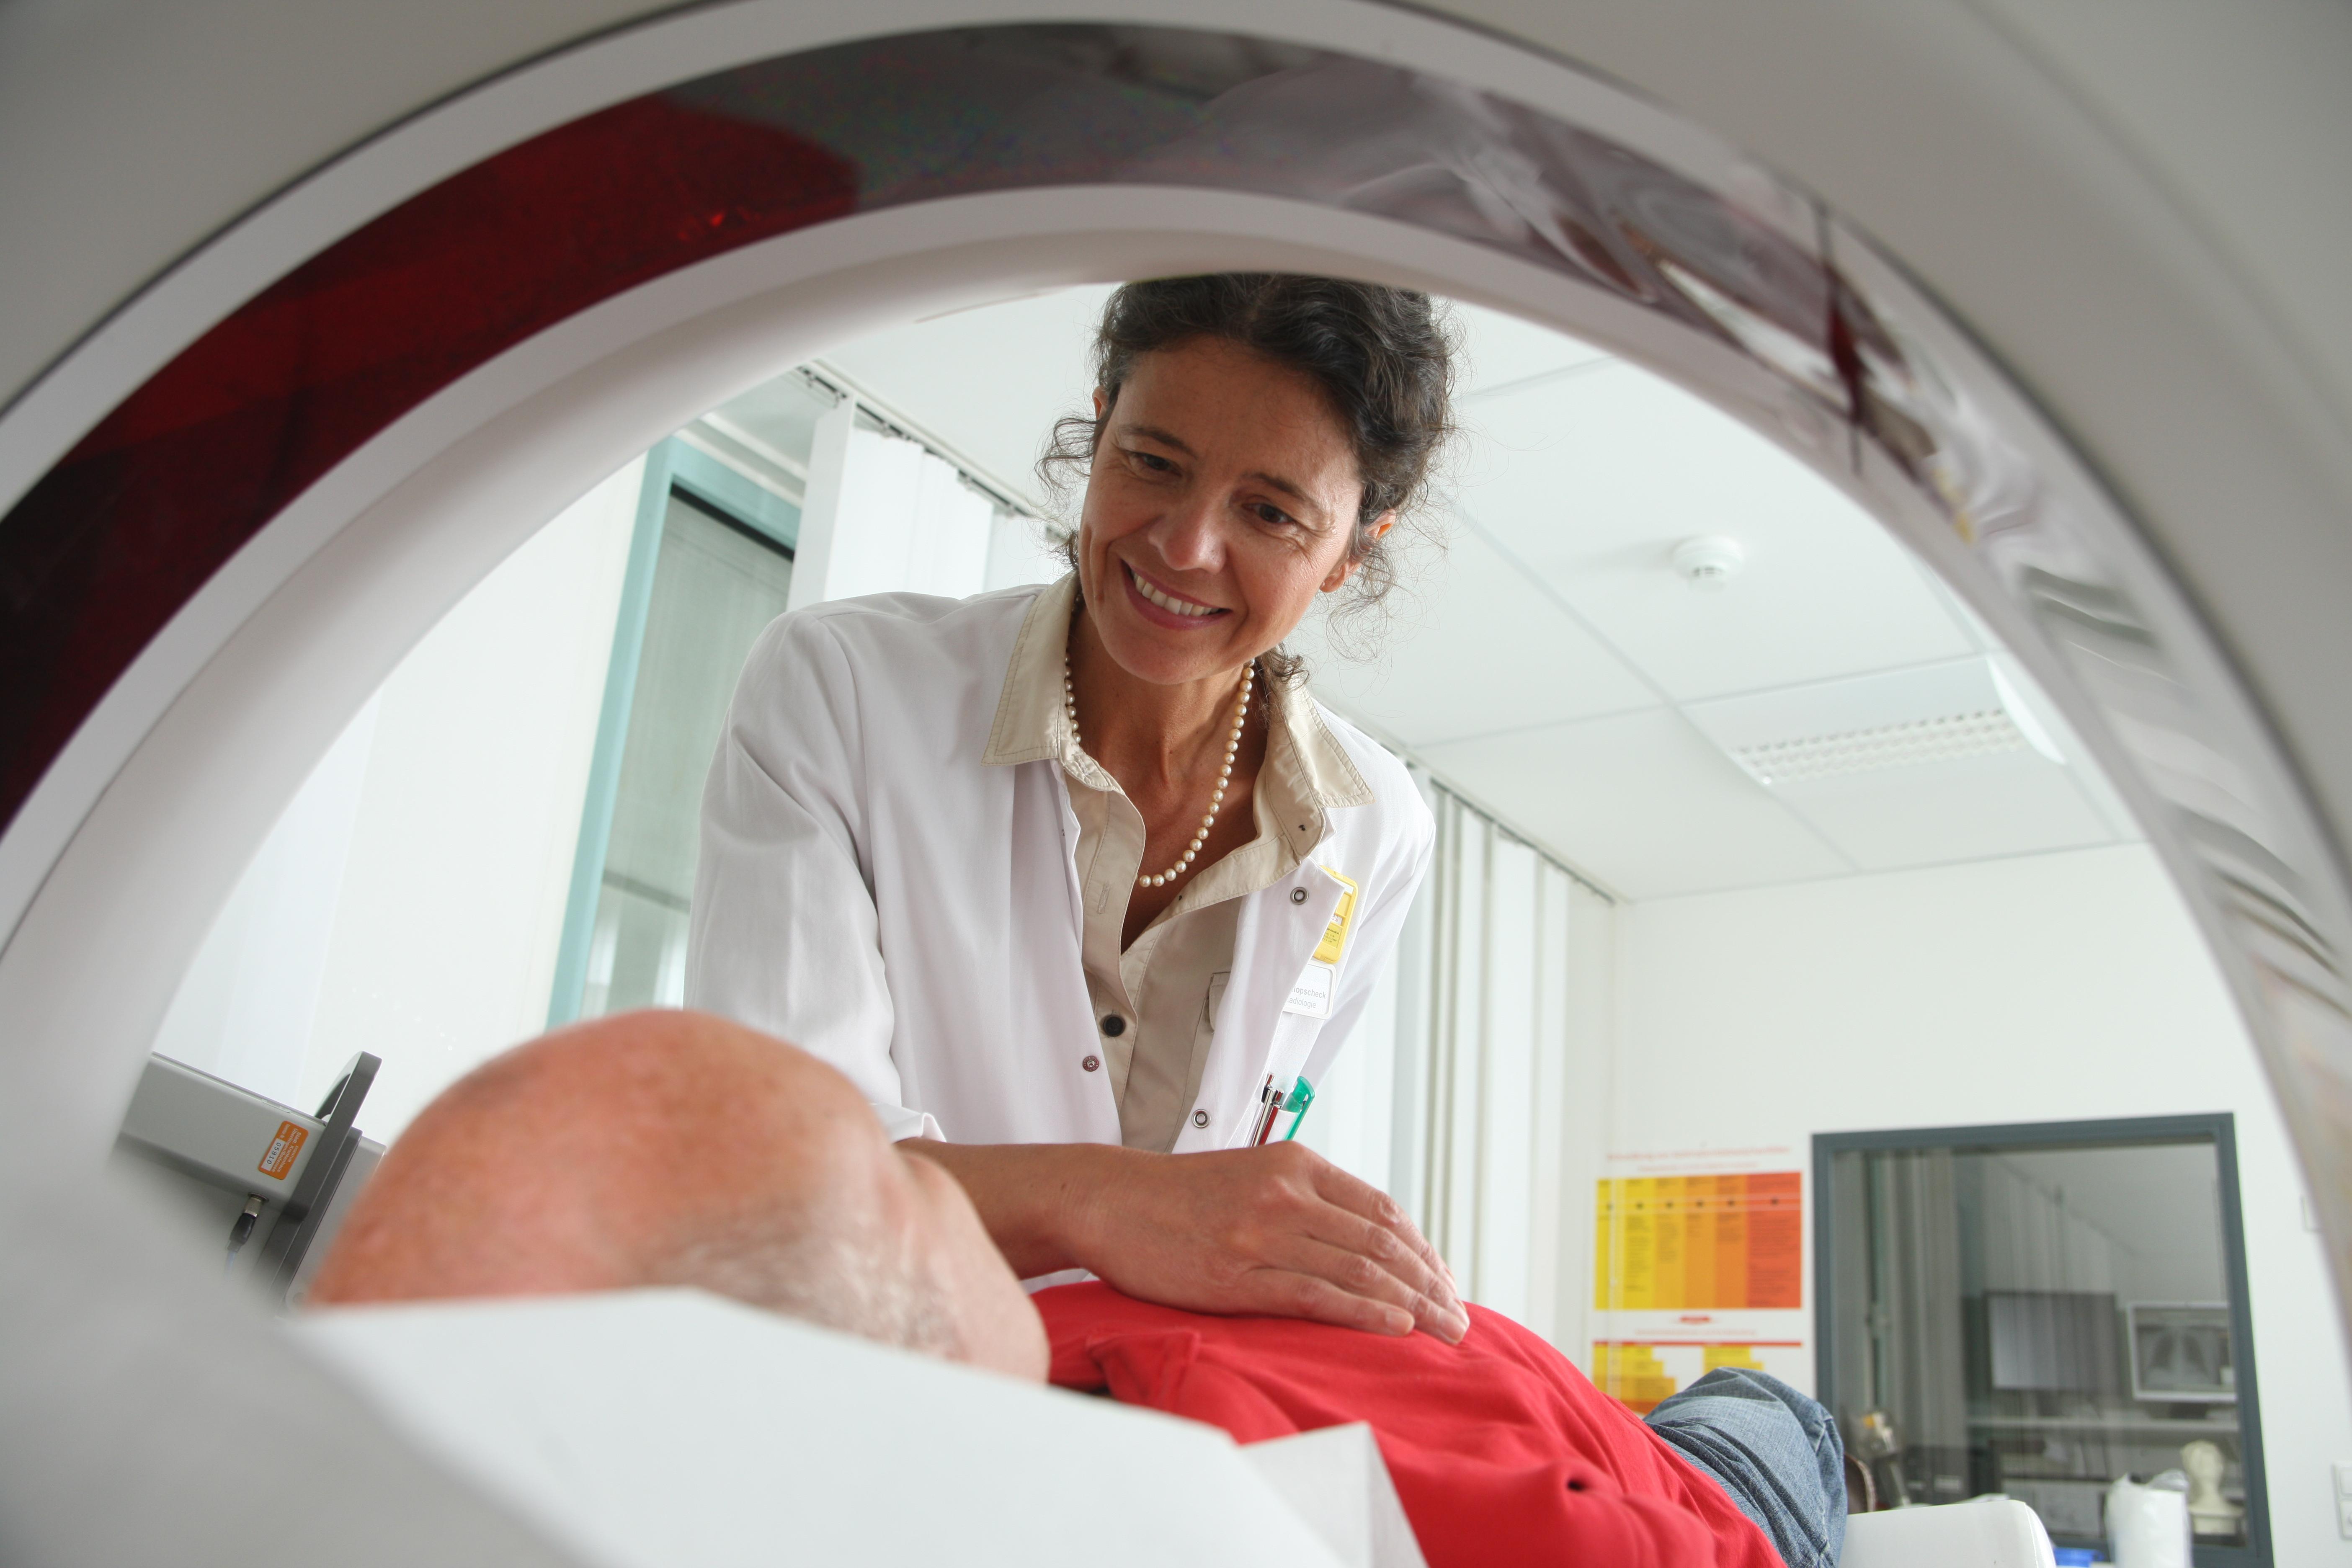 Radiologie   Helios Spital Überlingen am Bodensee